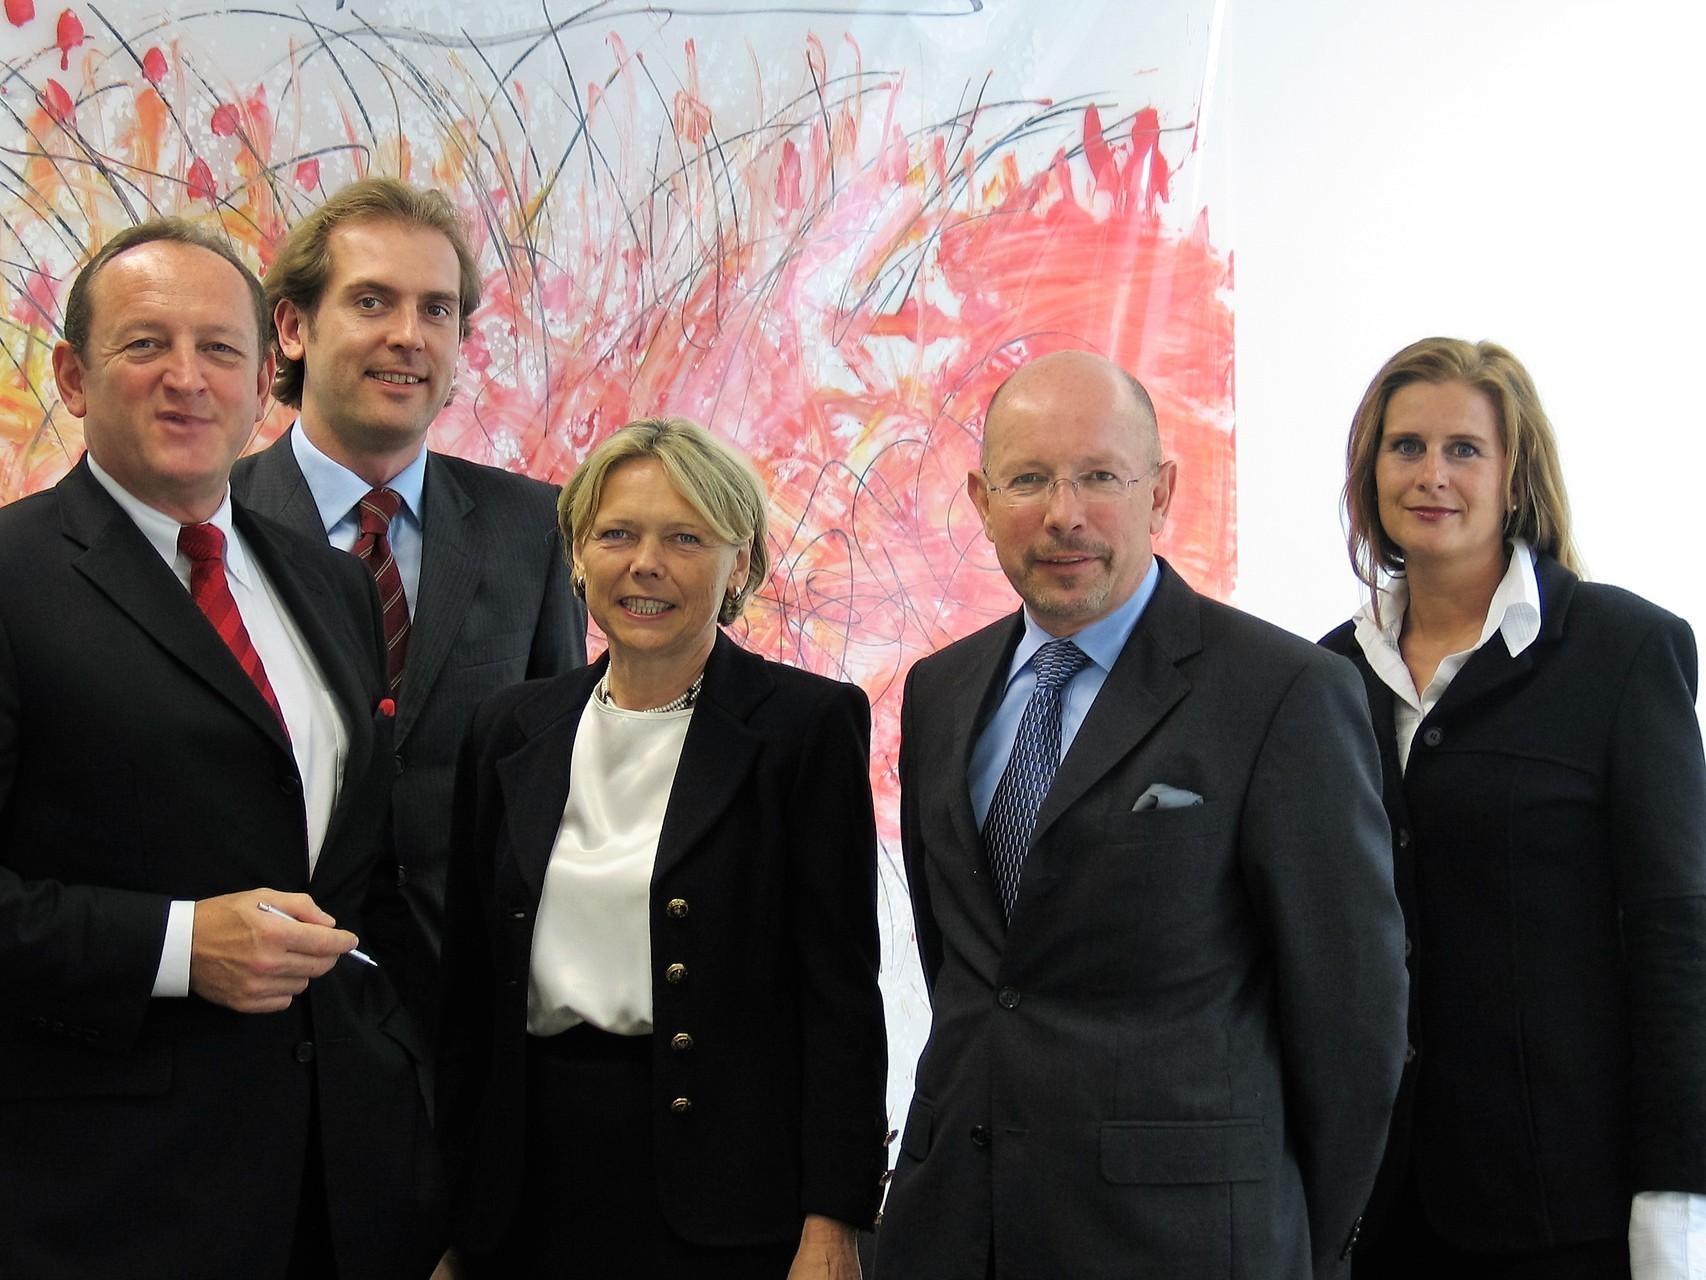 Die Gründer des BRSI e. V. beginnend von links mit dem Initiator Eugen M. Angster † sowie Werner von Anhalt, Gabriele Stahl, Dr. Dieter Körner und Susanne Meixner